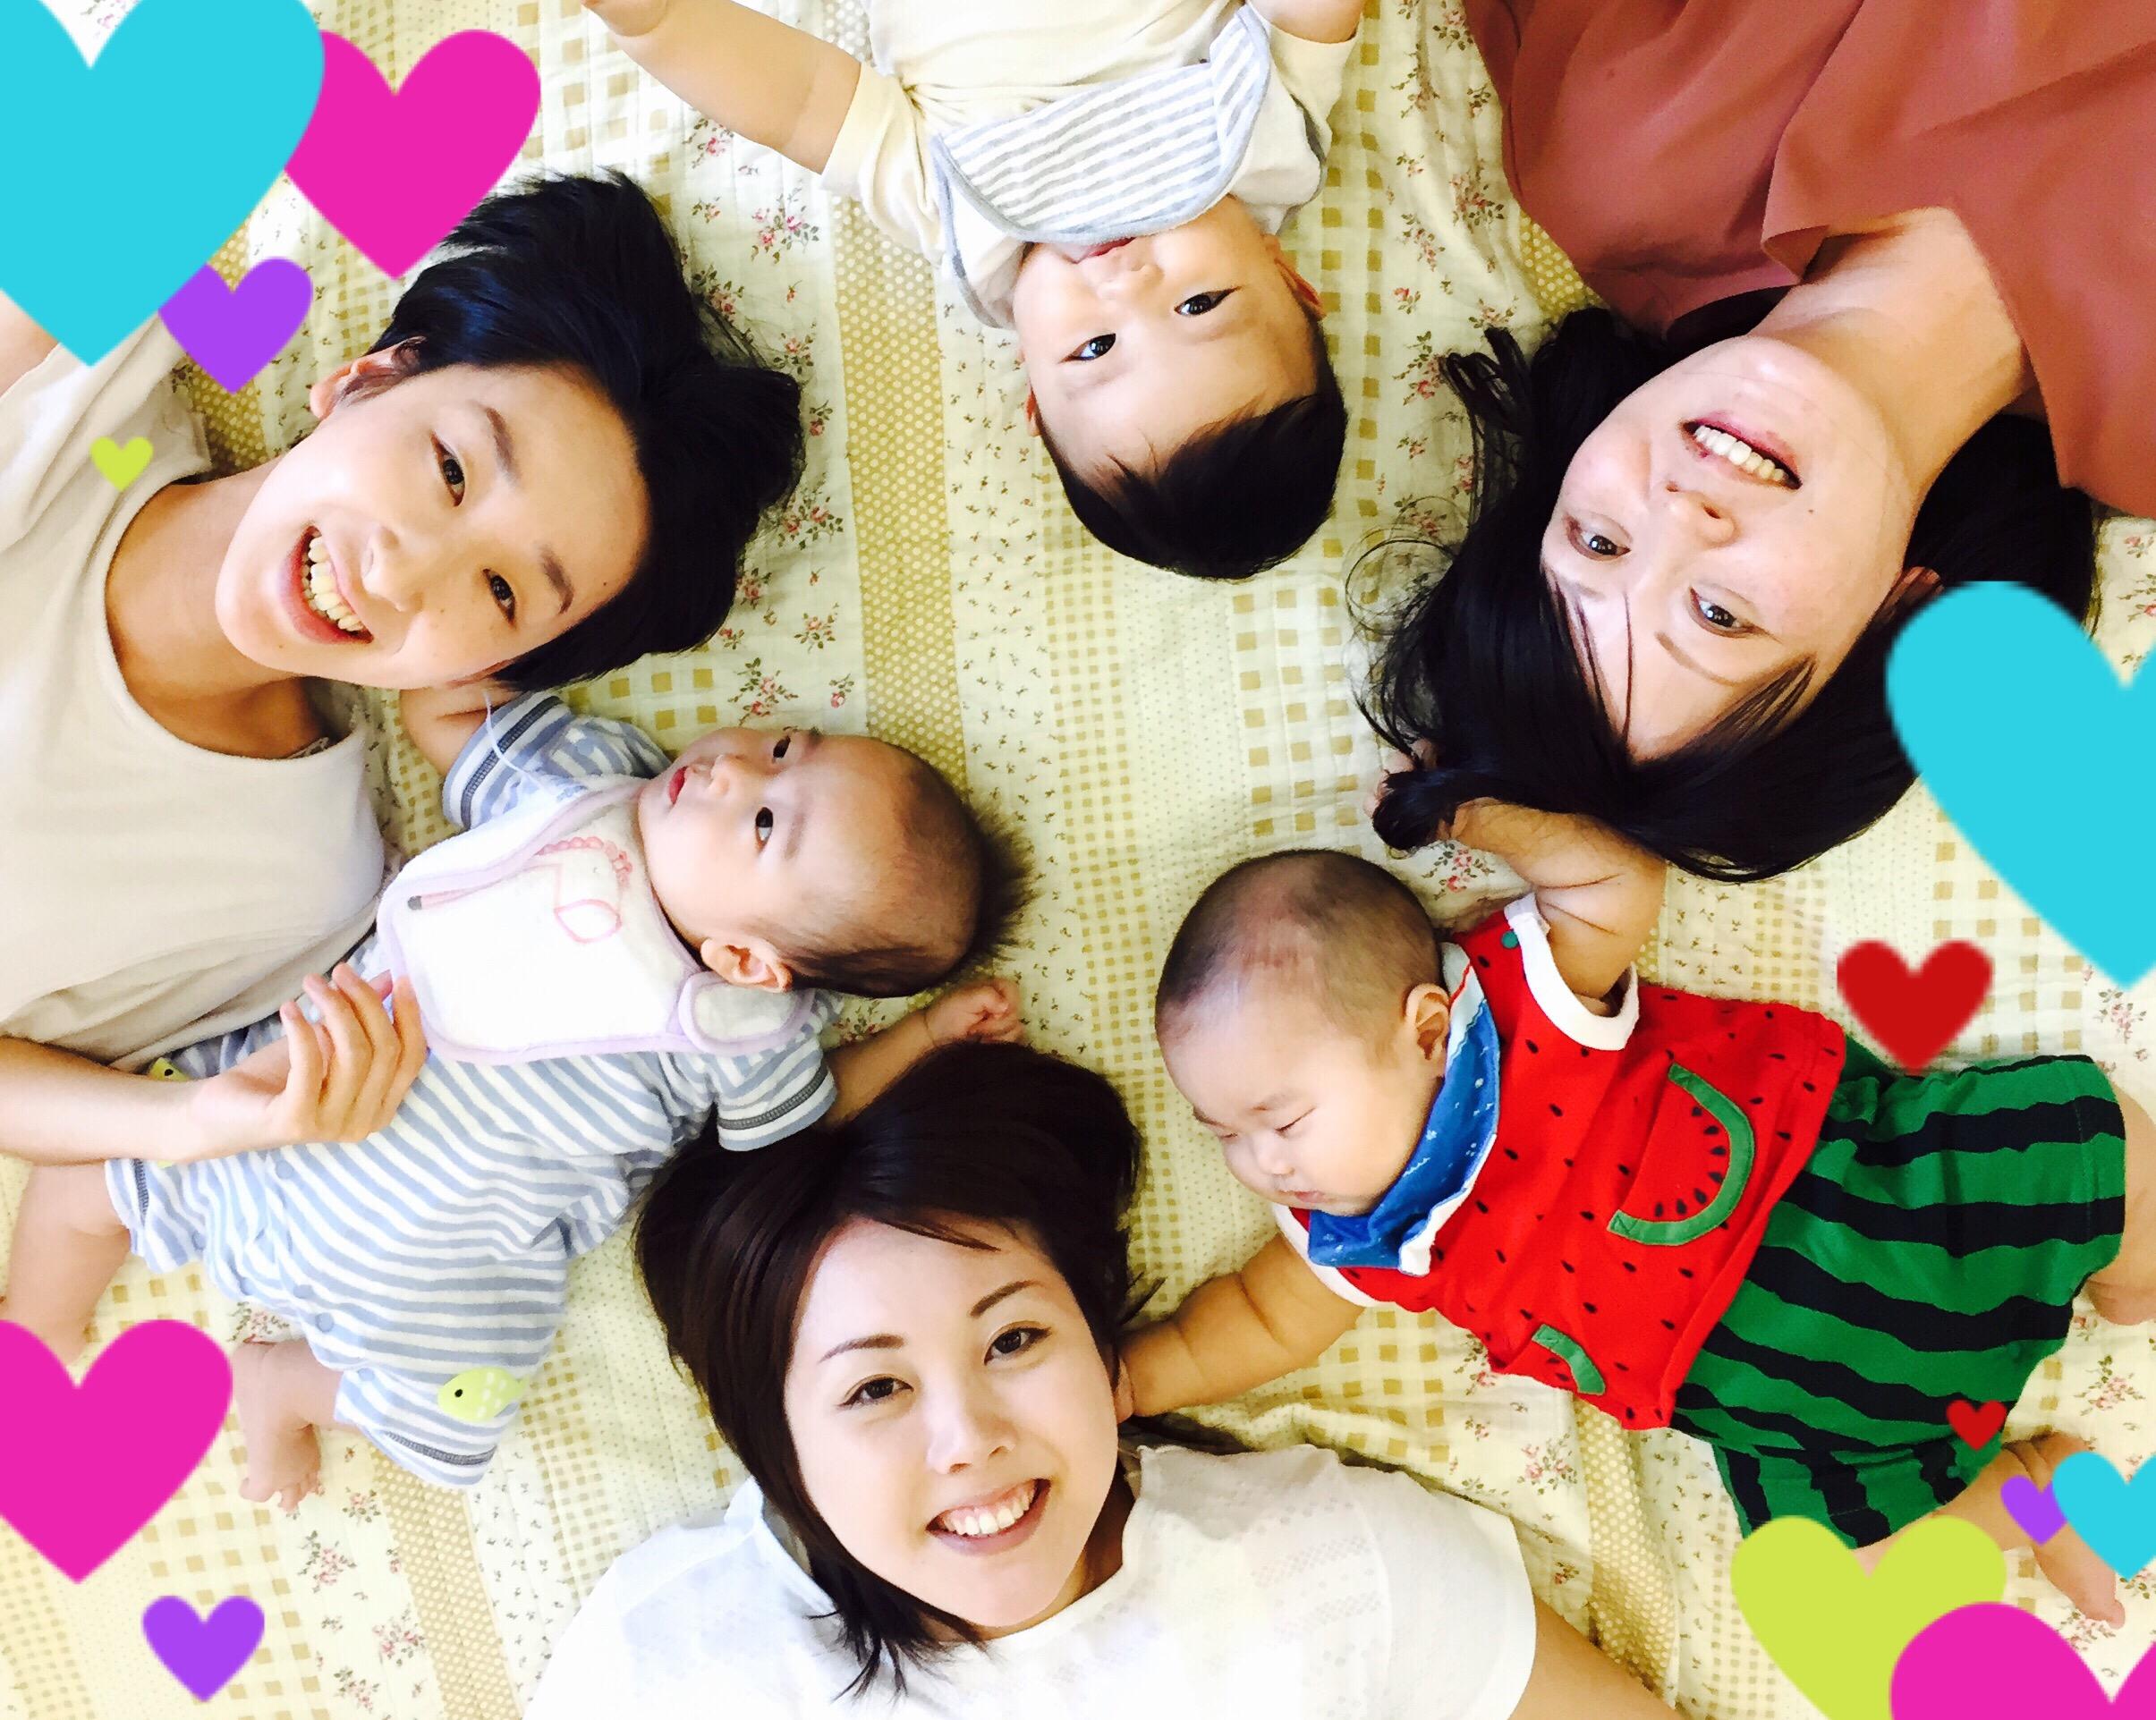 赤ちゃんと楽しめる!【産後はじめてのカラダケア講座】12月のお知らせ